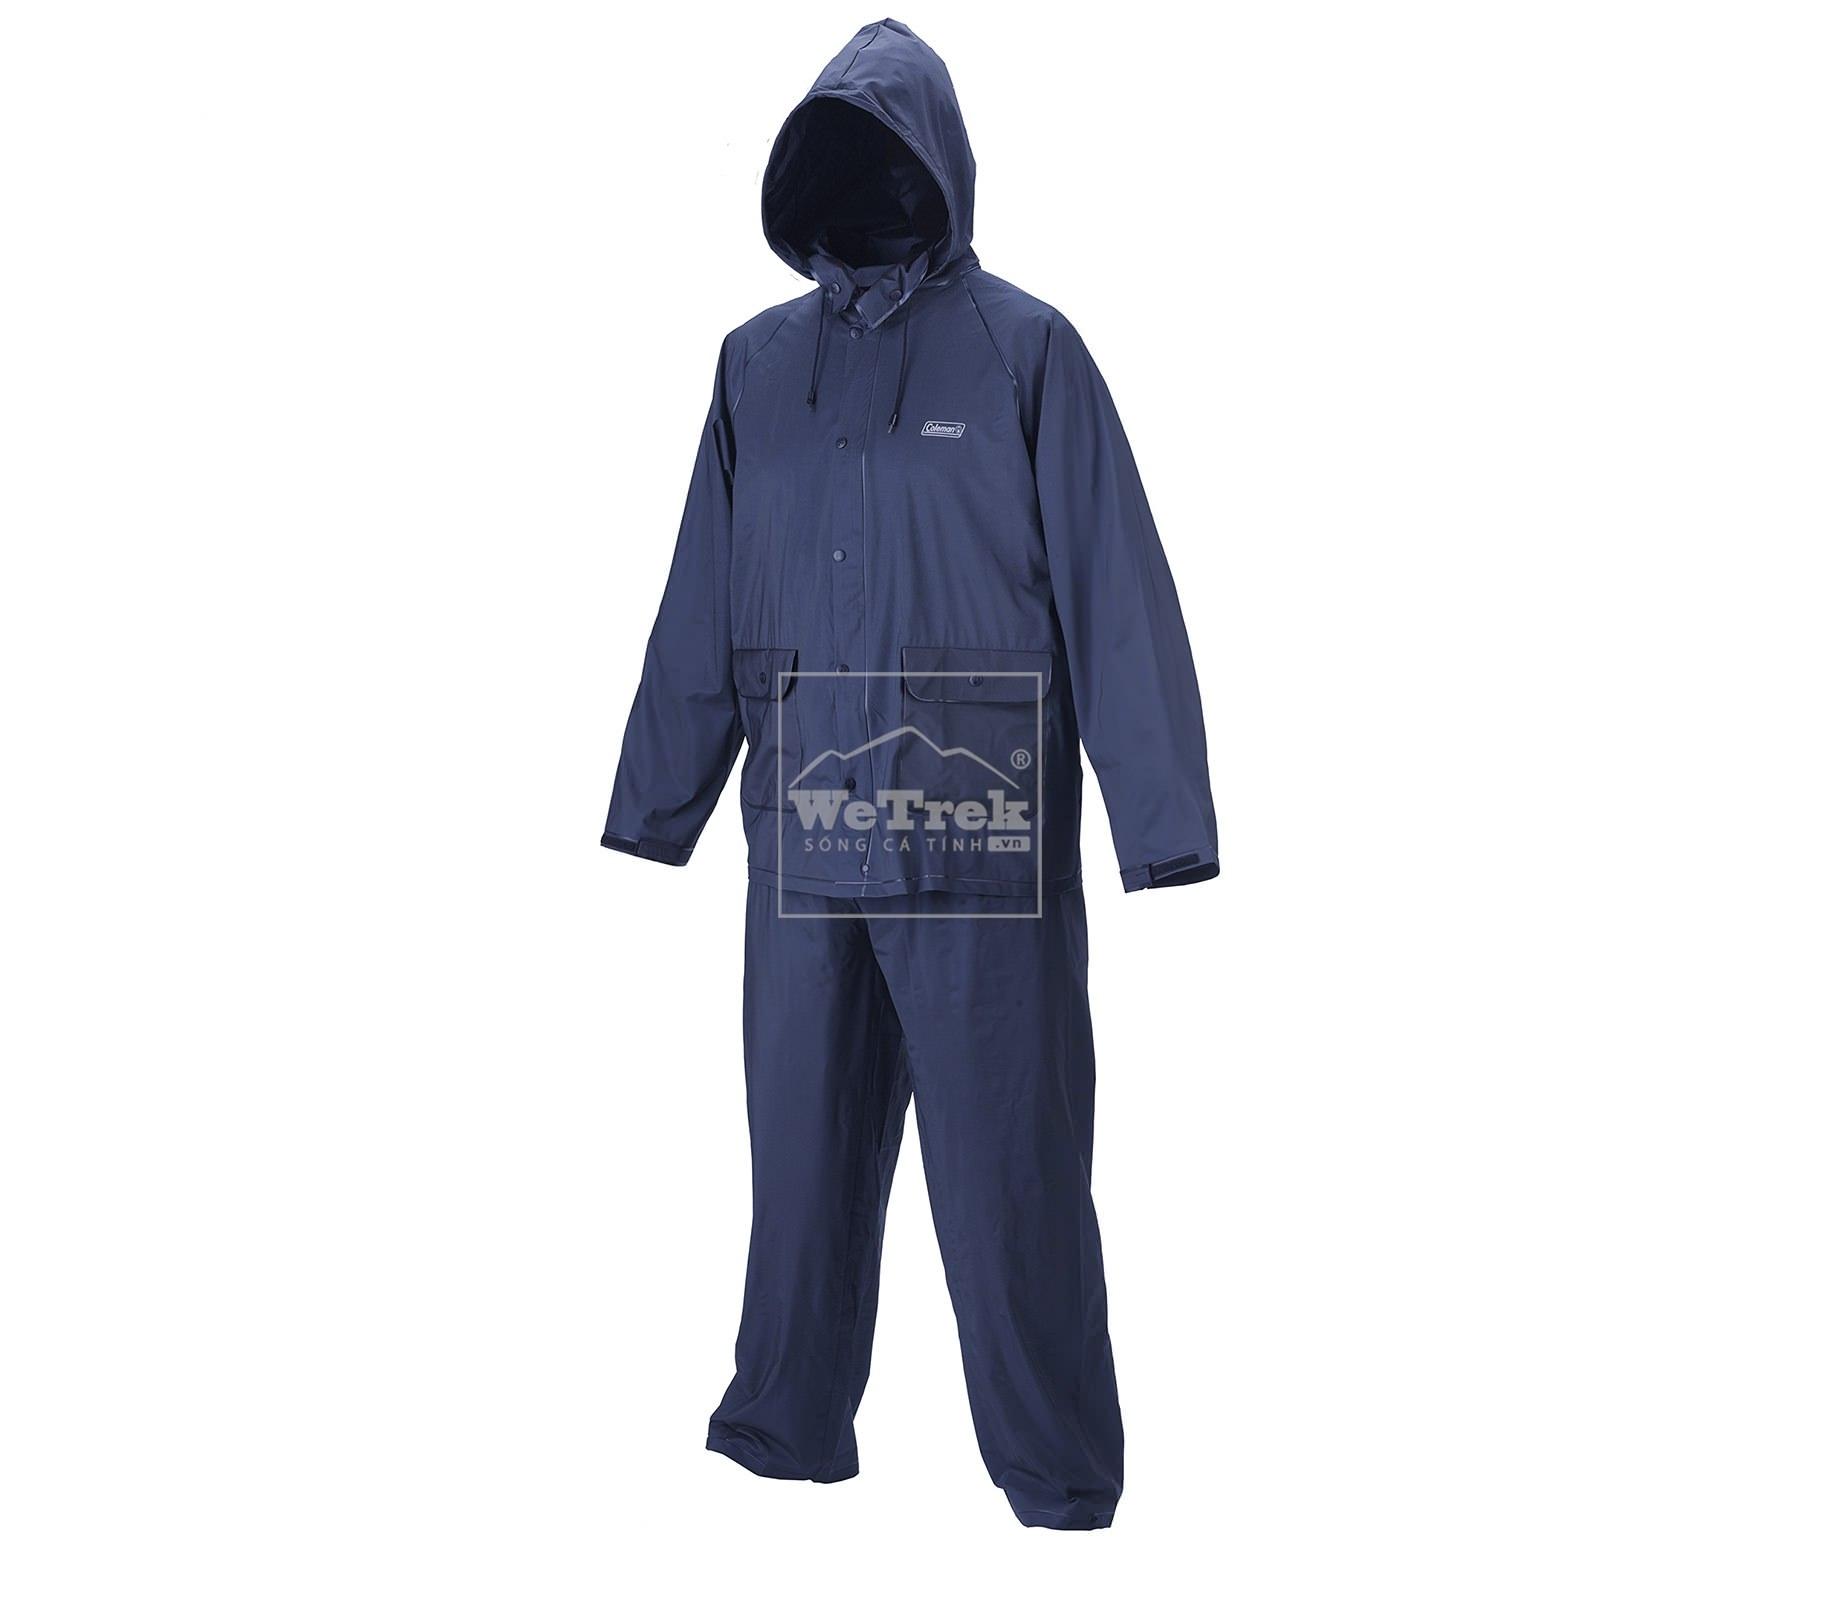 Bộ quần áo đi mưa S Coleman PVC Apparel PVC Suit Blue 2000014767 - 7607